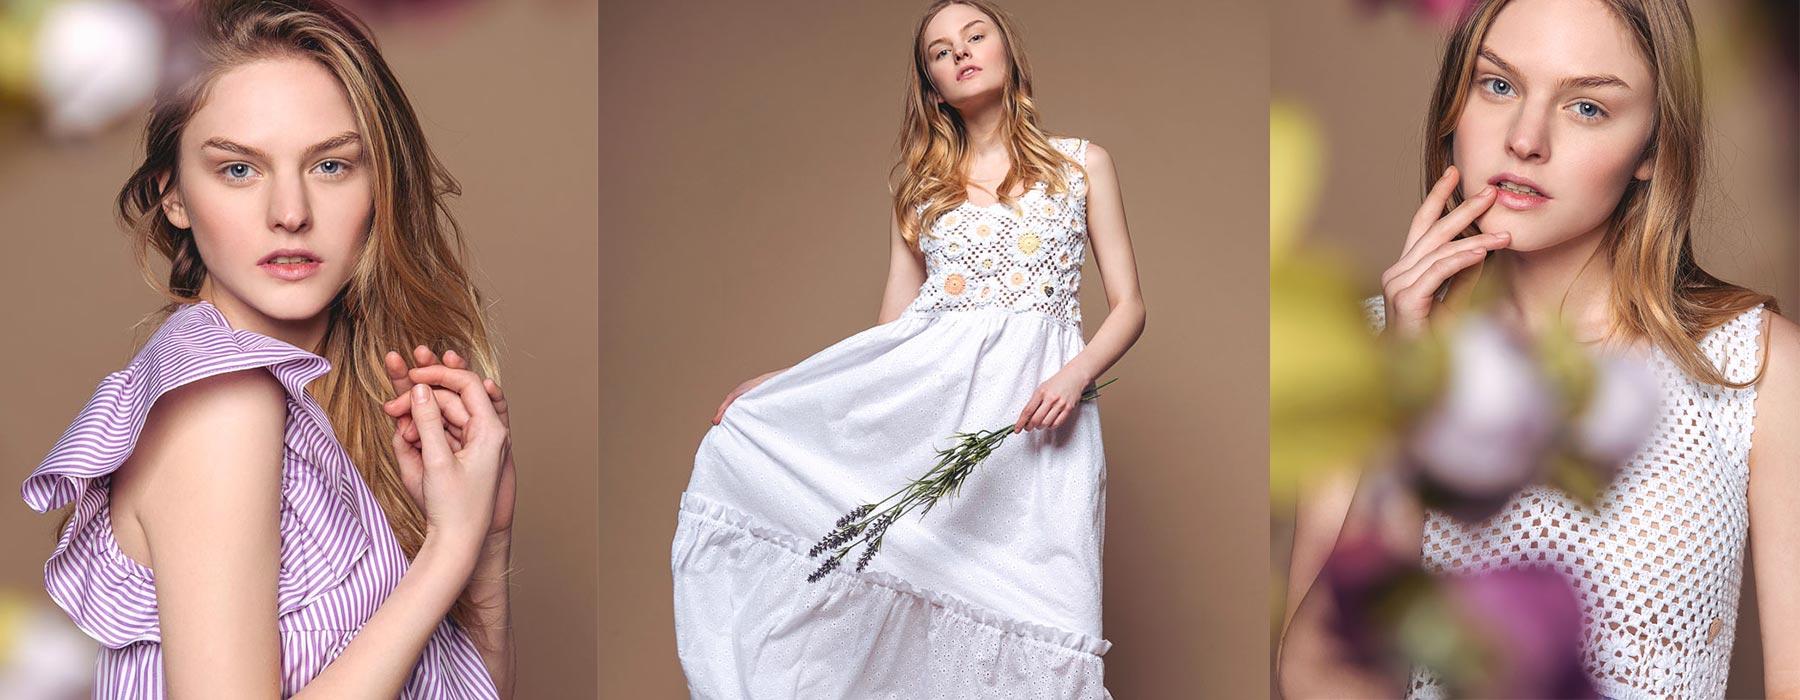 collezione estiva moda donna made in italy roma